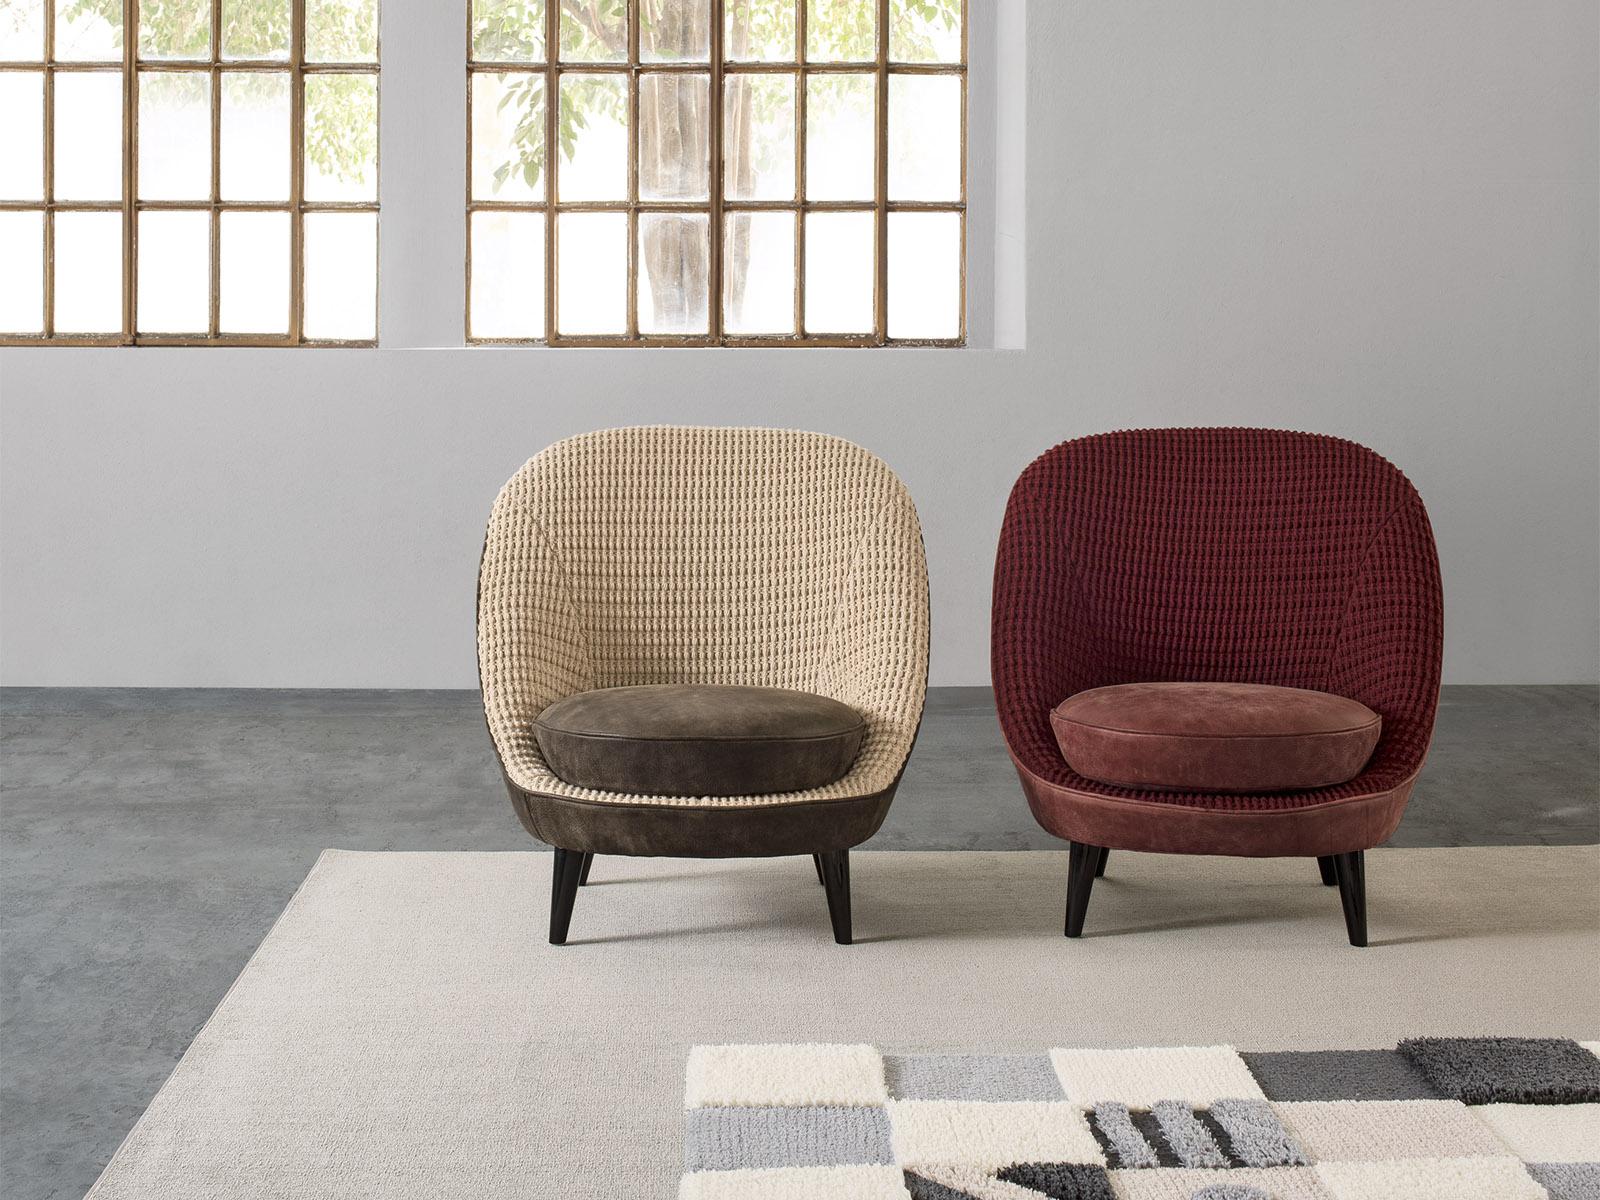 Il loft furniture arredamento for Poltrone di piccole dimensioni